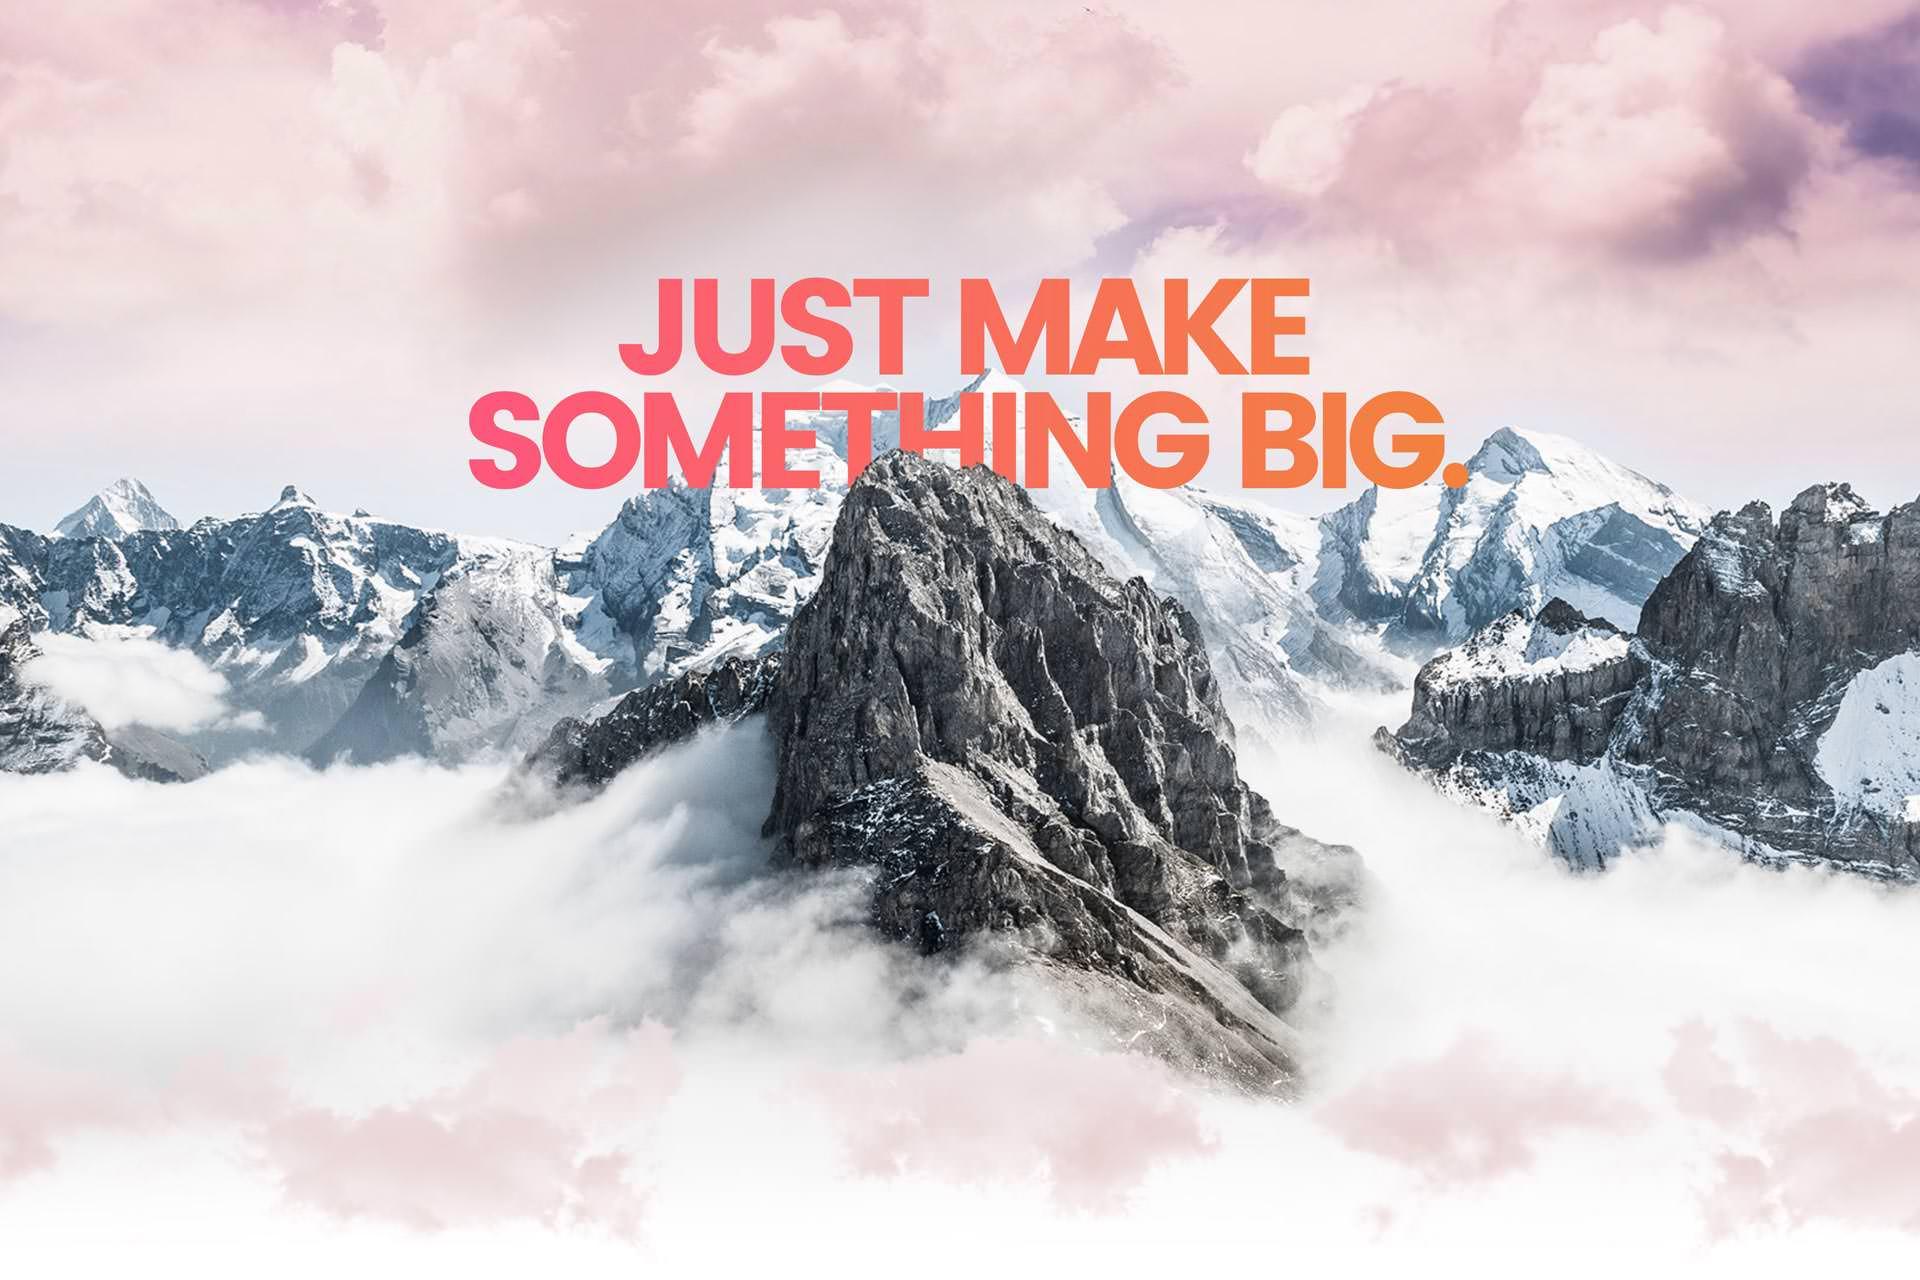 Make Big